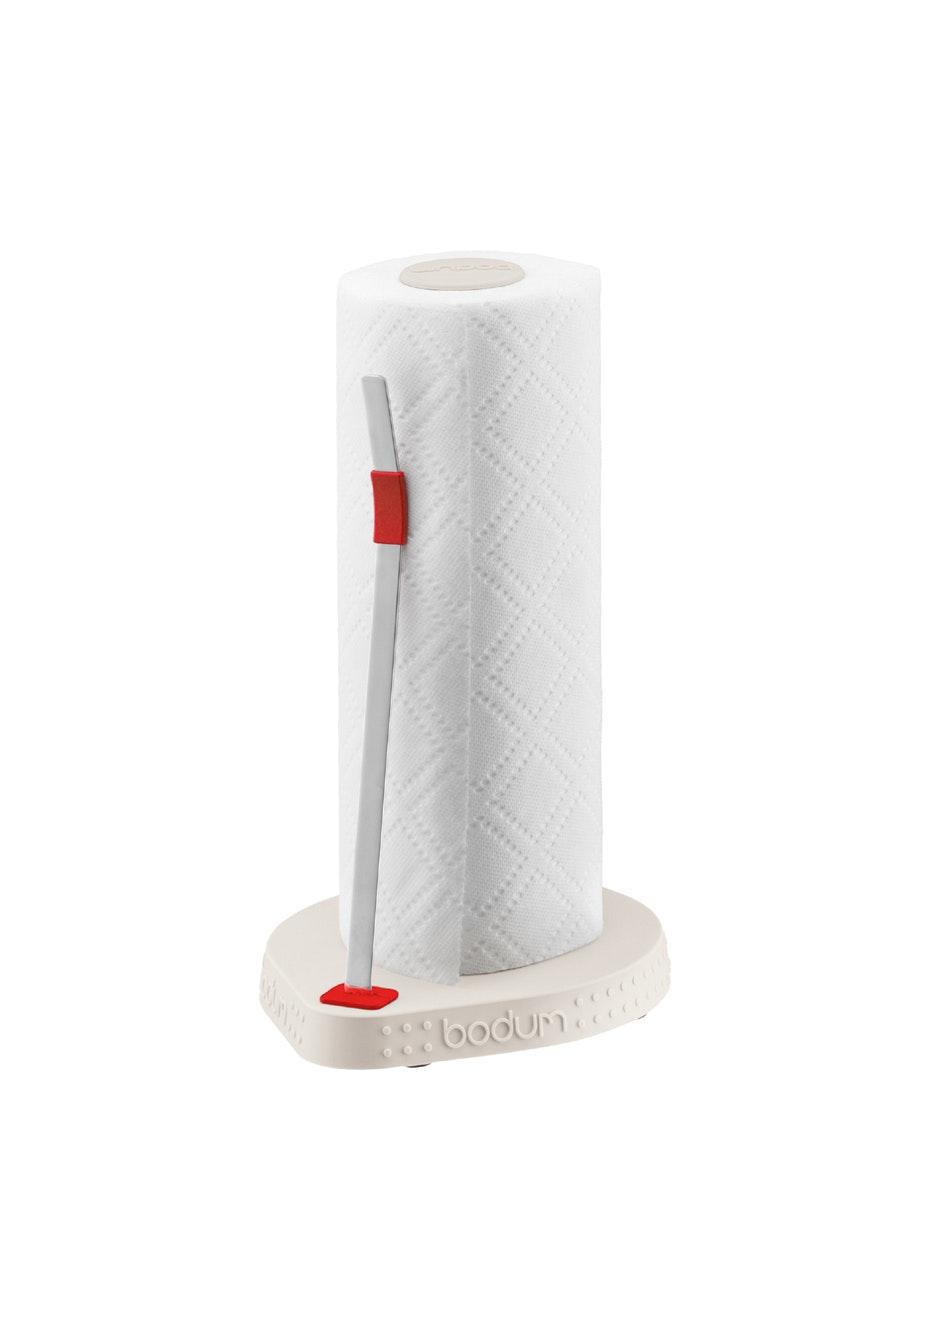 Bodum - Paper Roll Holder - Off White